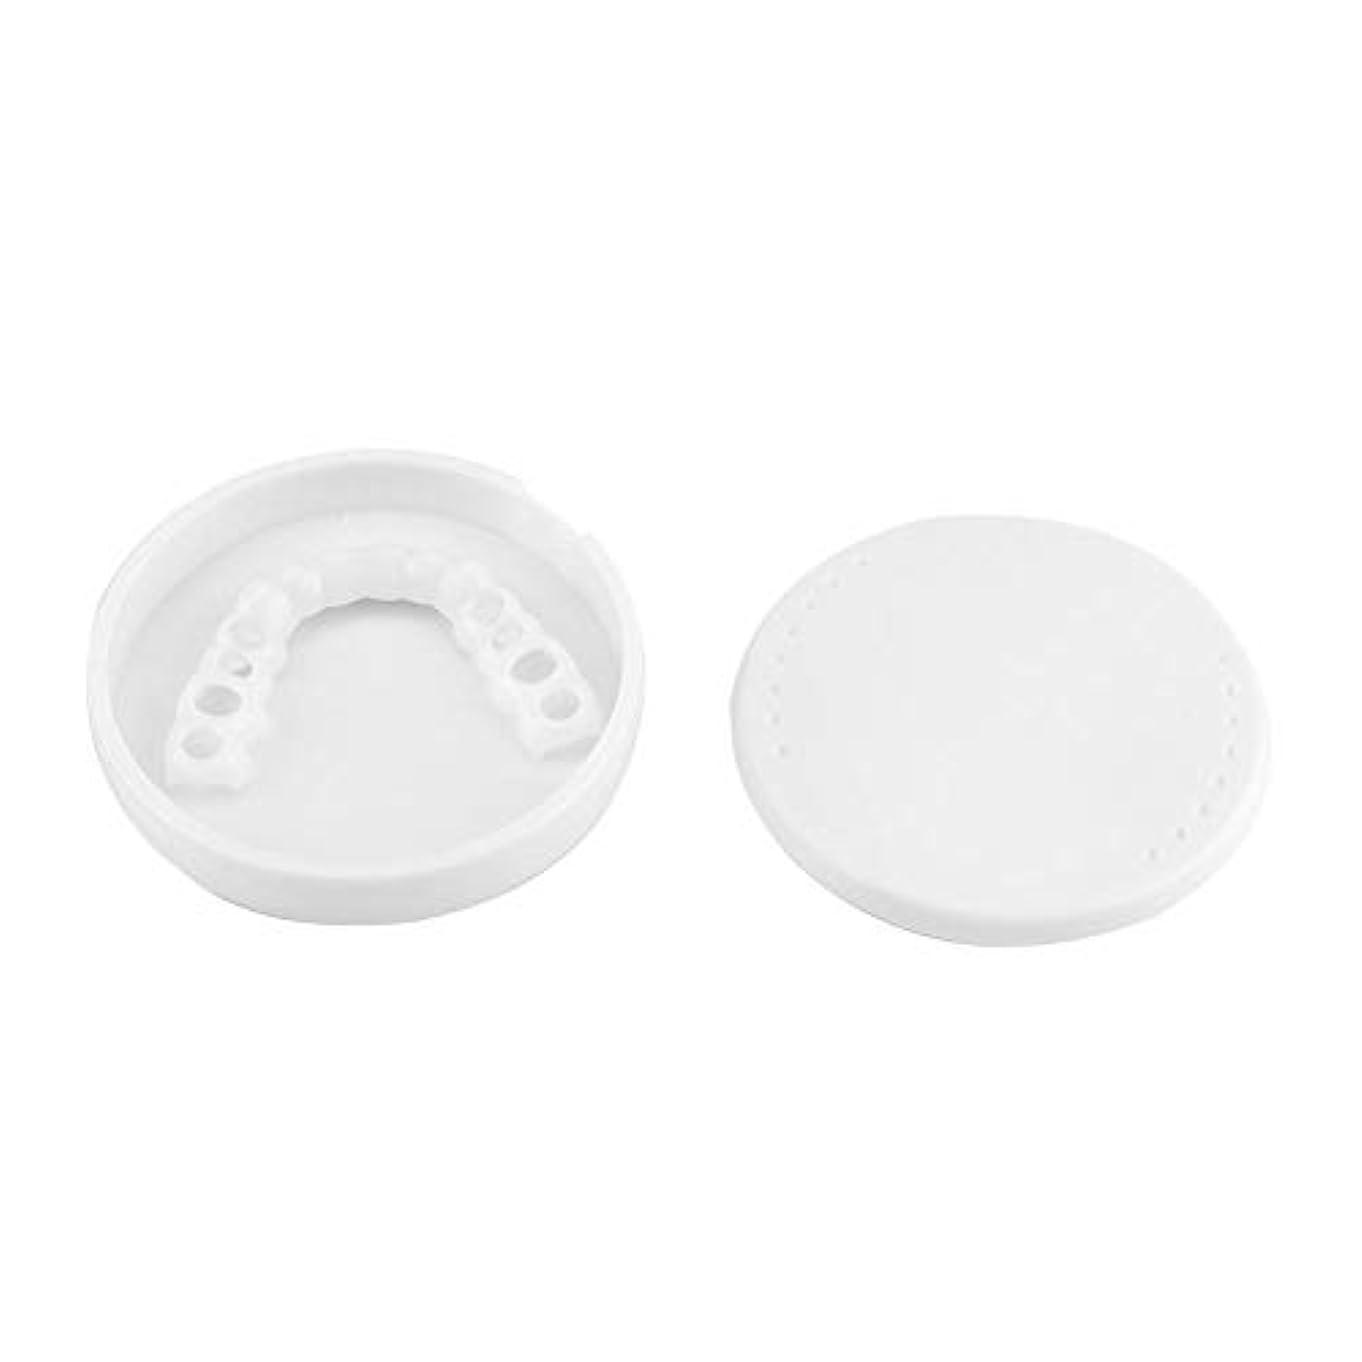 心理学交差点でるSalinr インスタント 完璧なベニヤの歯スナップキャップを白く 一時的な化粧品歯義 歯化粧品シミュレーション 白くする歯カバー フィットフレックス歯ベニア上の歯+下歯のセット